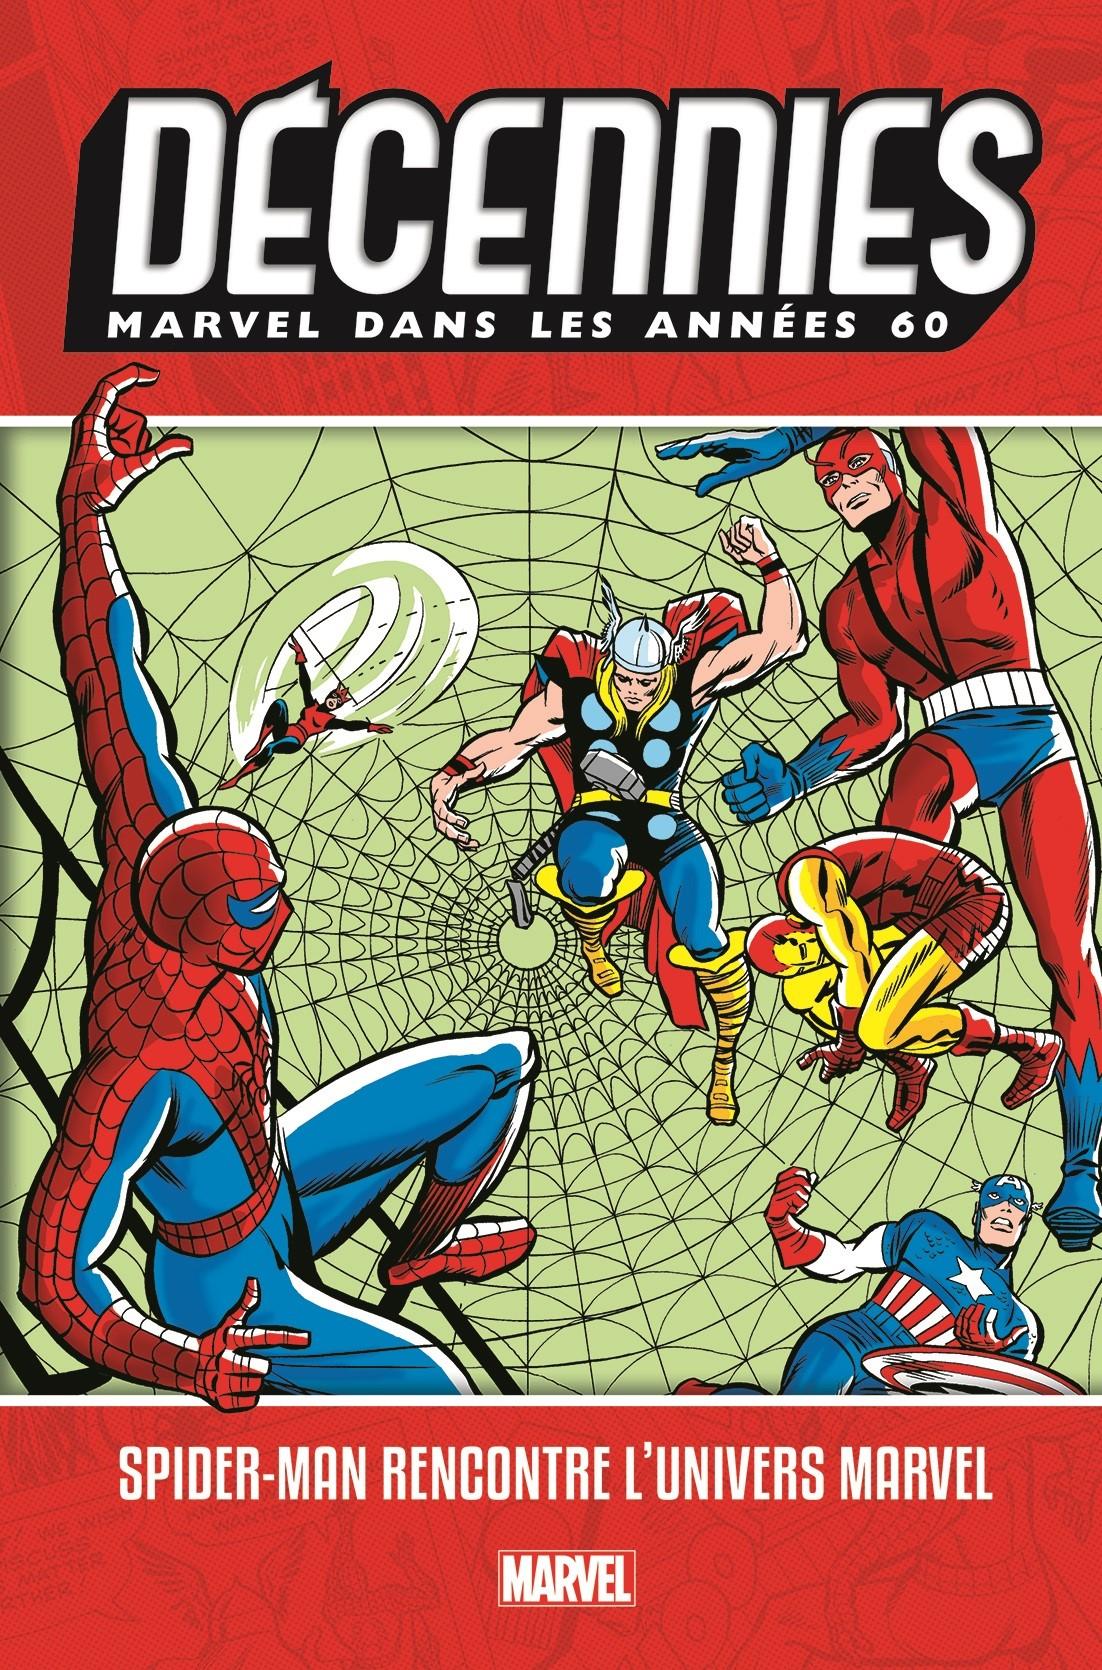 LES DÉCENNIES MARVEL - LES ANNÉES 60 : SPIDER-MAN RENCONTRE L'UNIVERS MARVEL